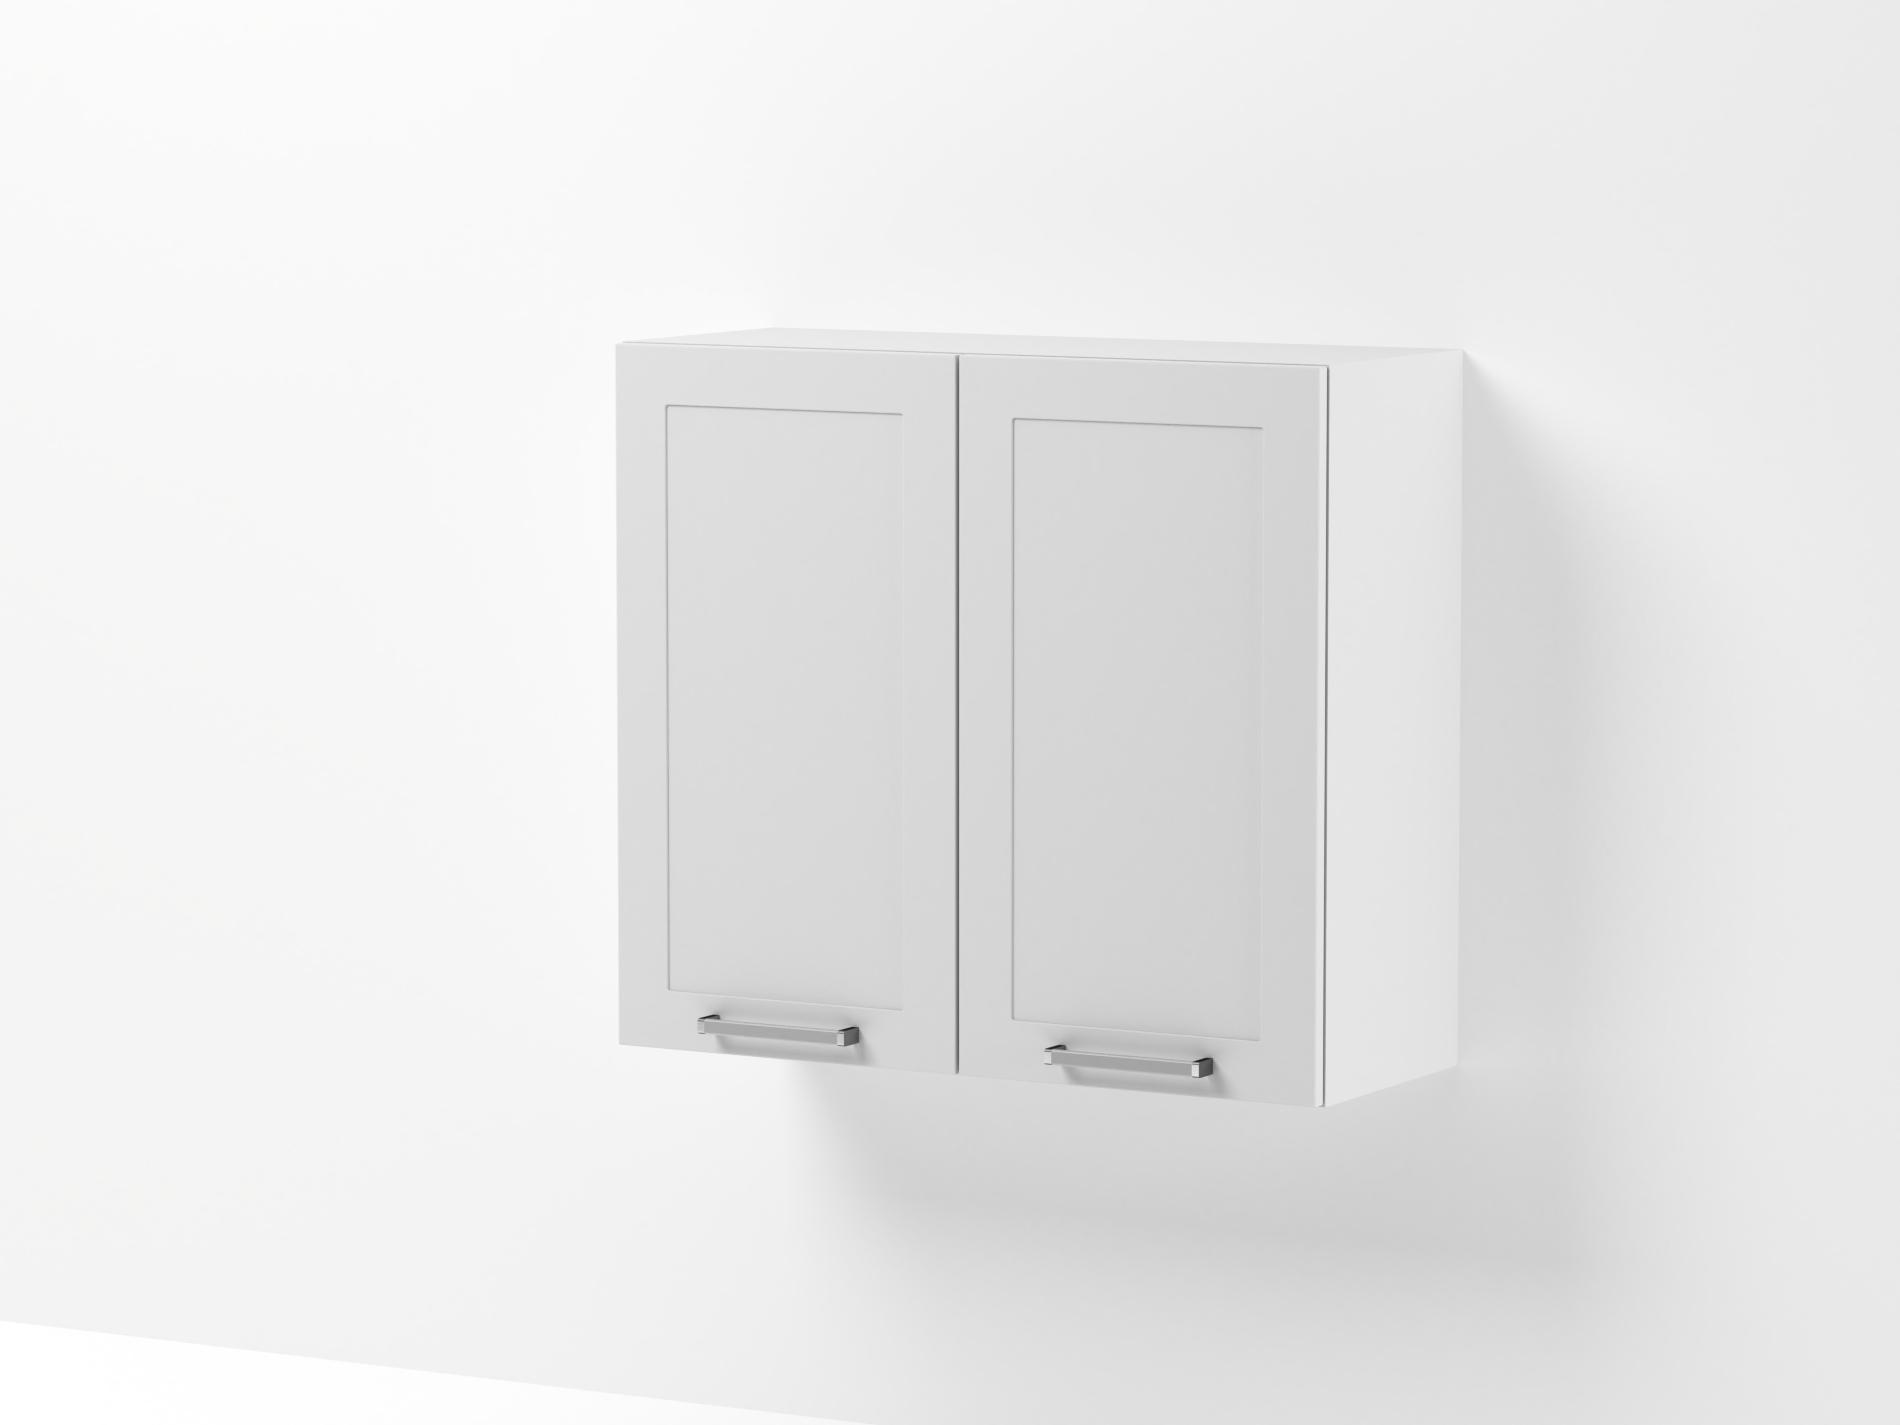 Oxford - Doors for 800mm wide 350mm Deep Double Door Wall ...